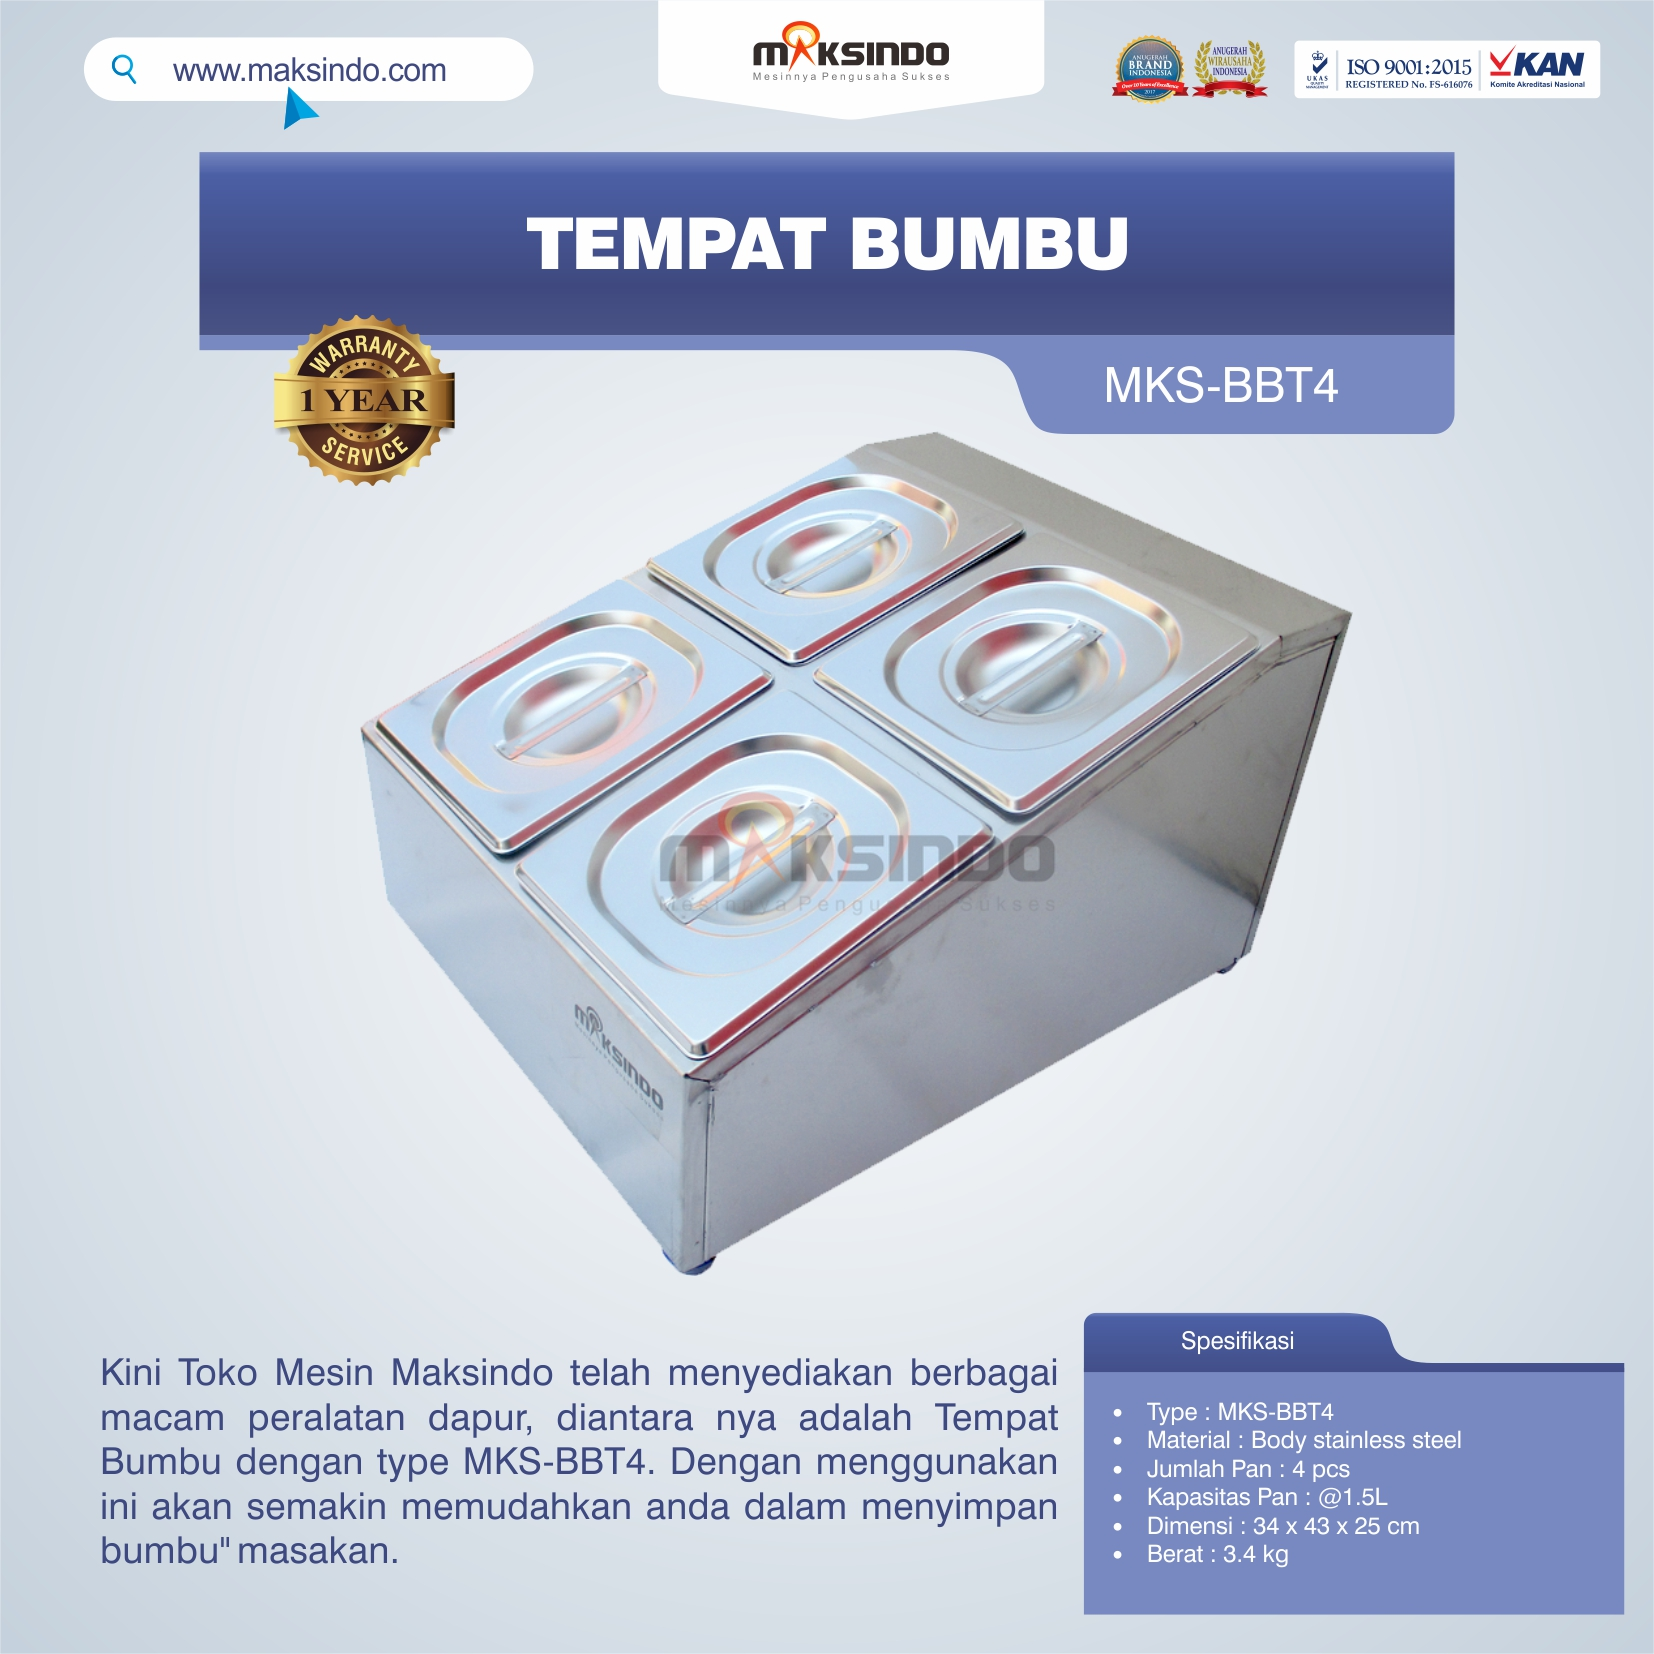 Jual Tempat Bumbu MKS-BBT4 di Yogyakarta